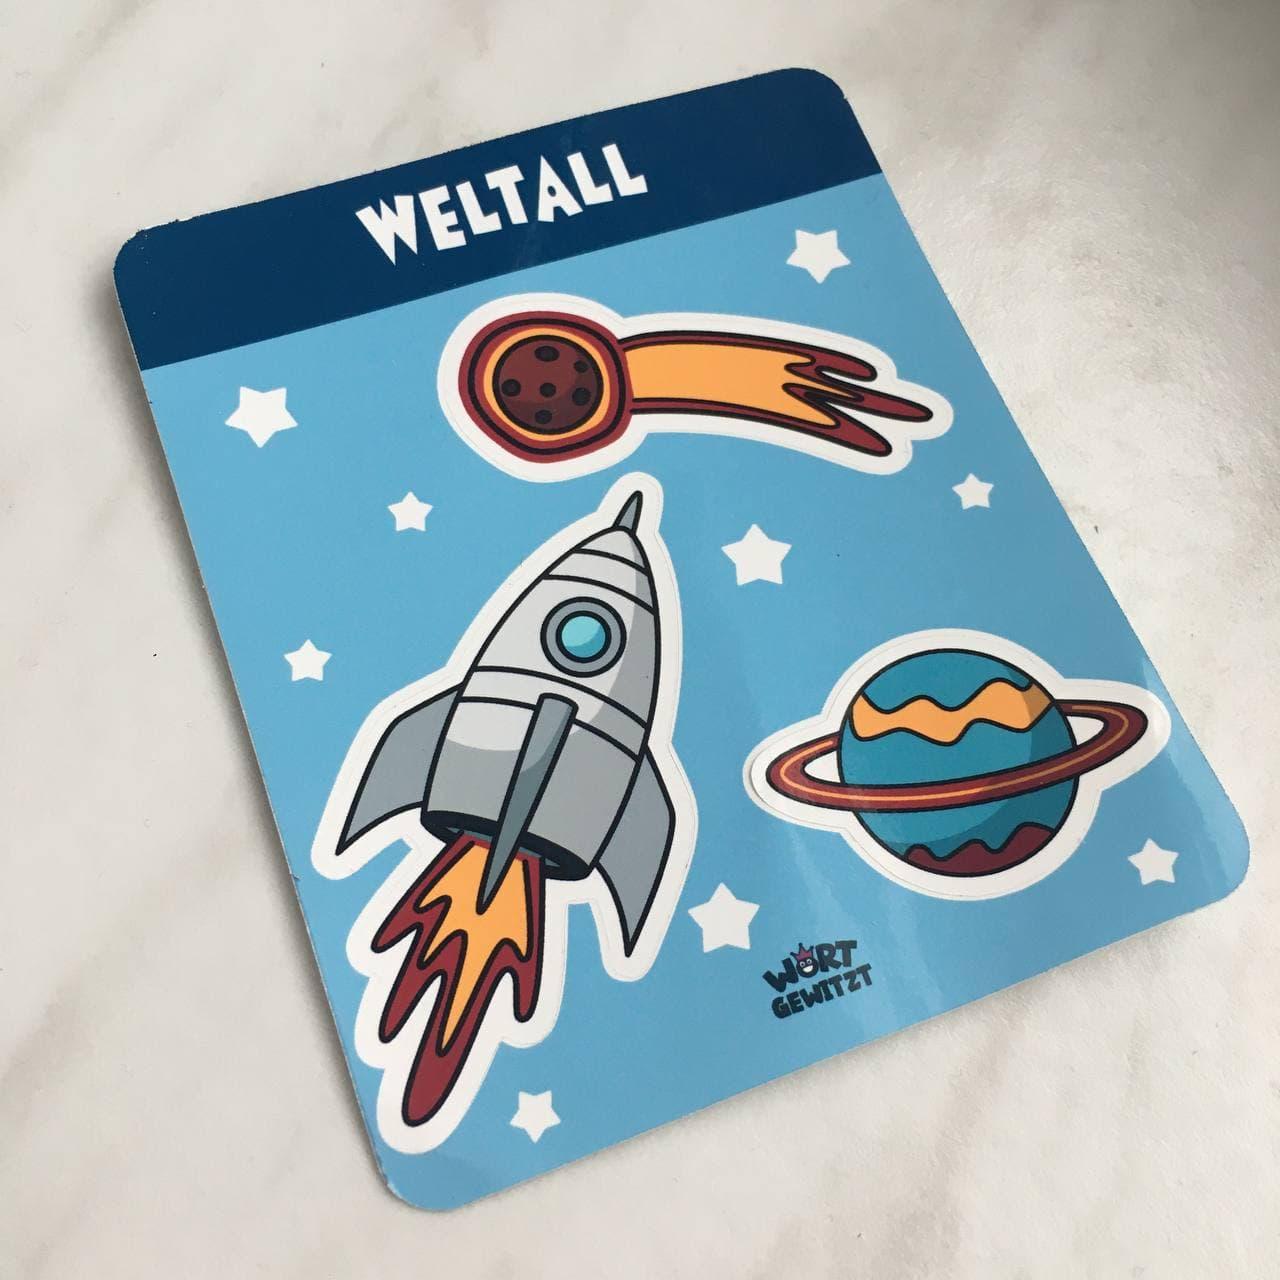 Sticker Motiv Weltall - Sticker selber machen